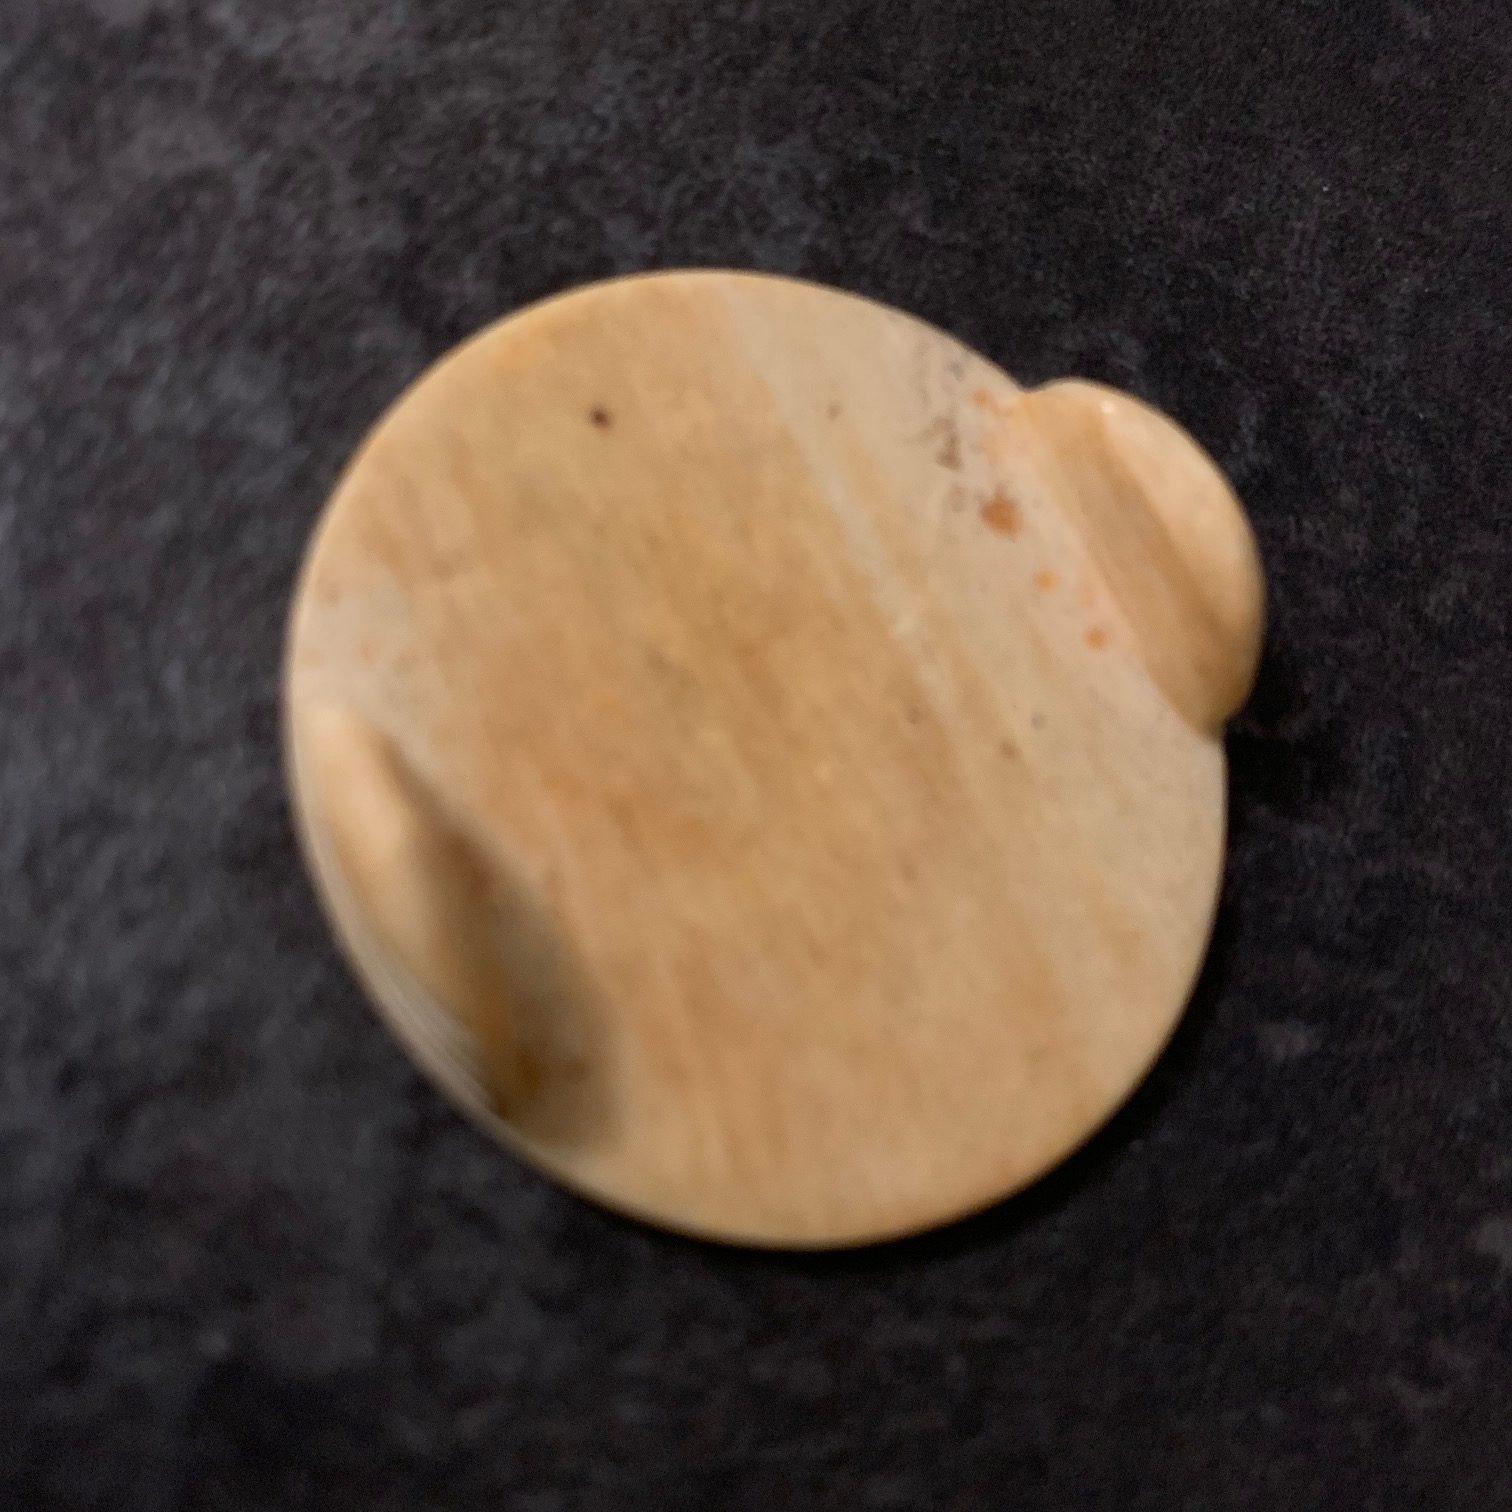 Ivory pleximeter